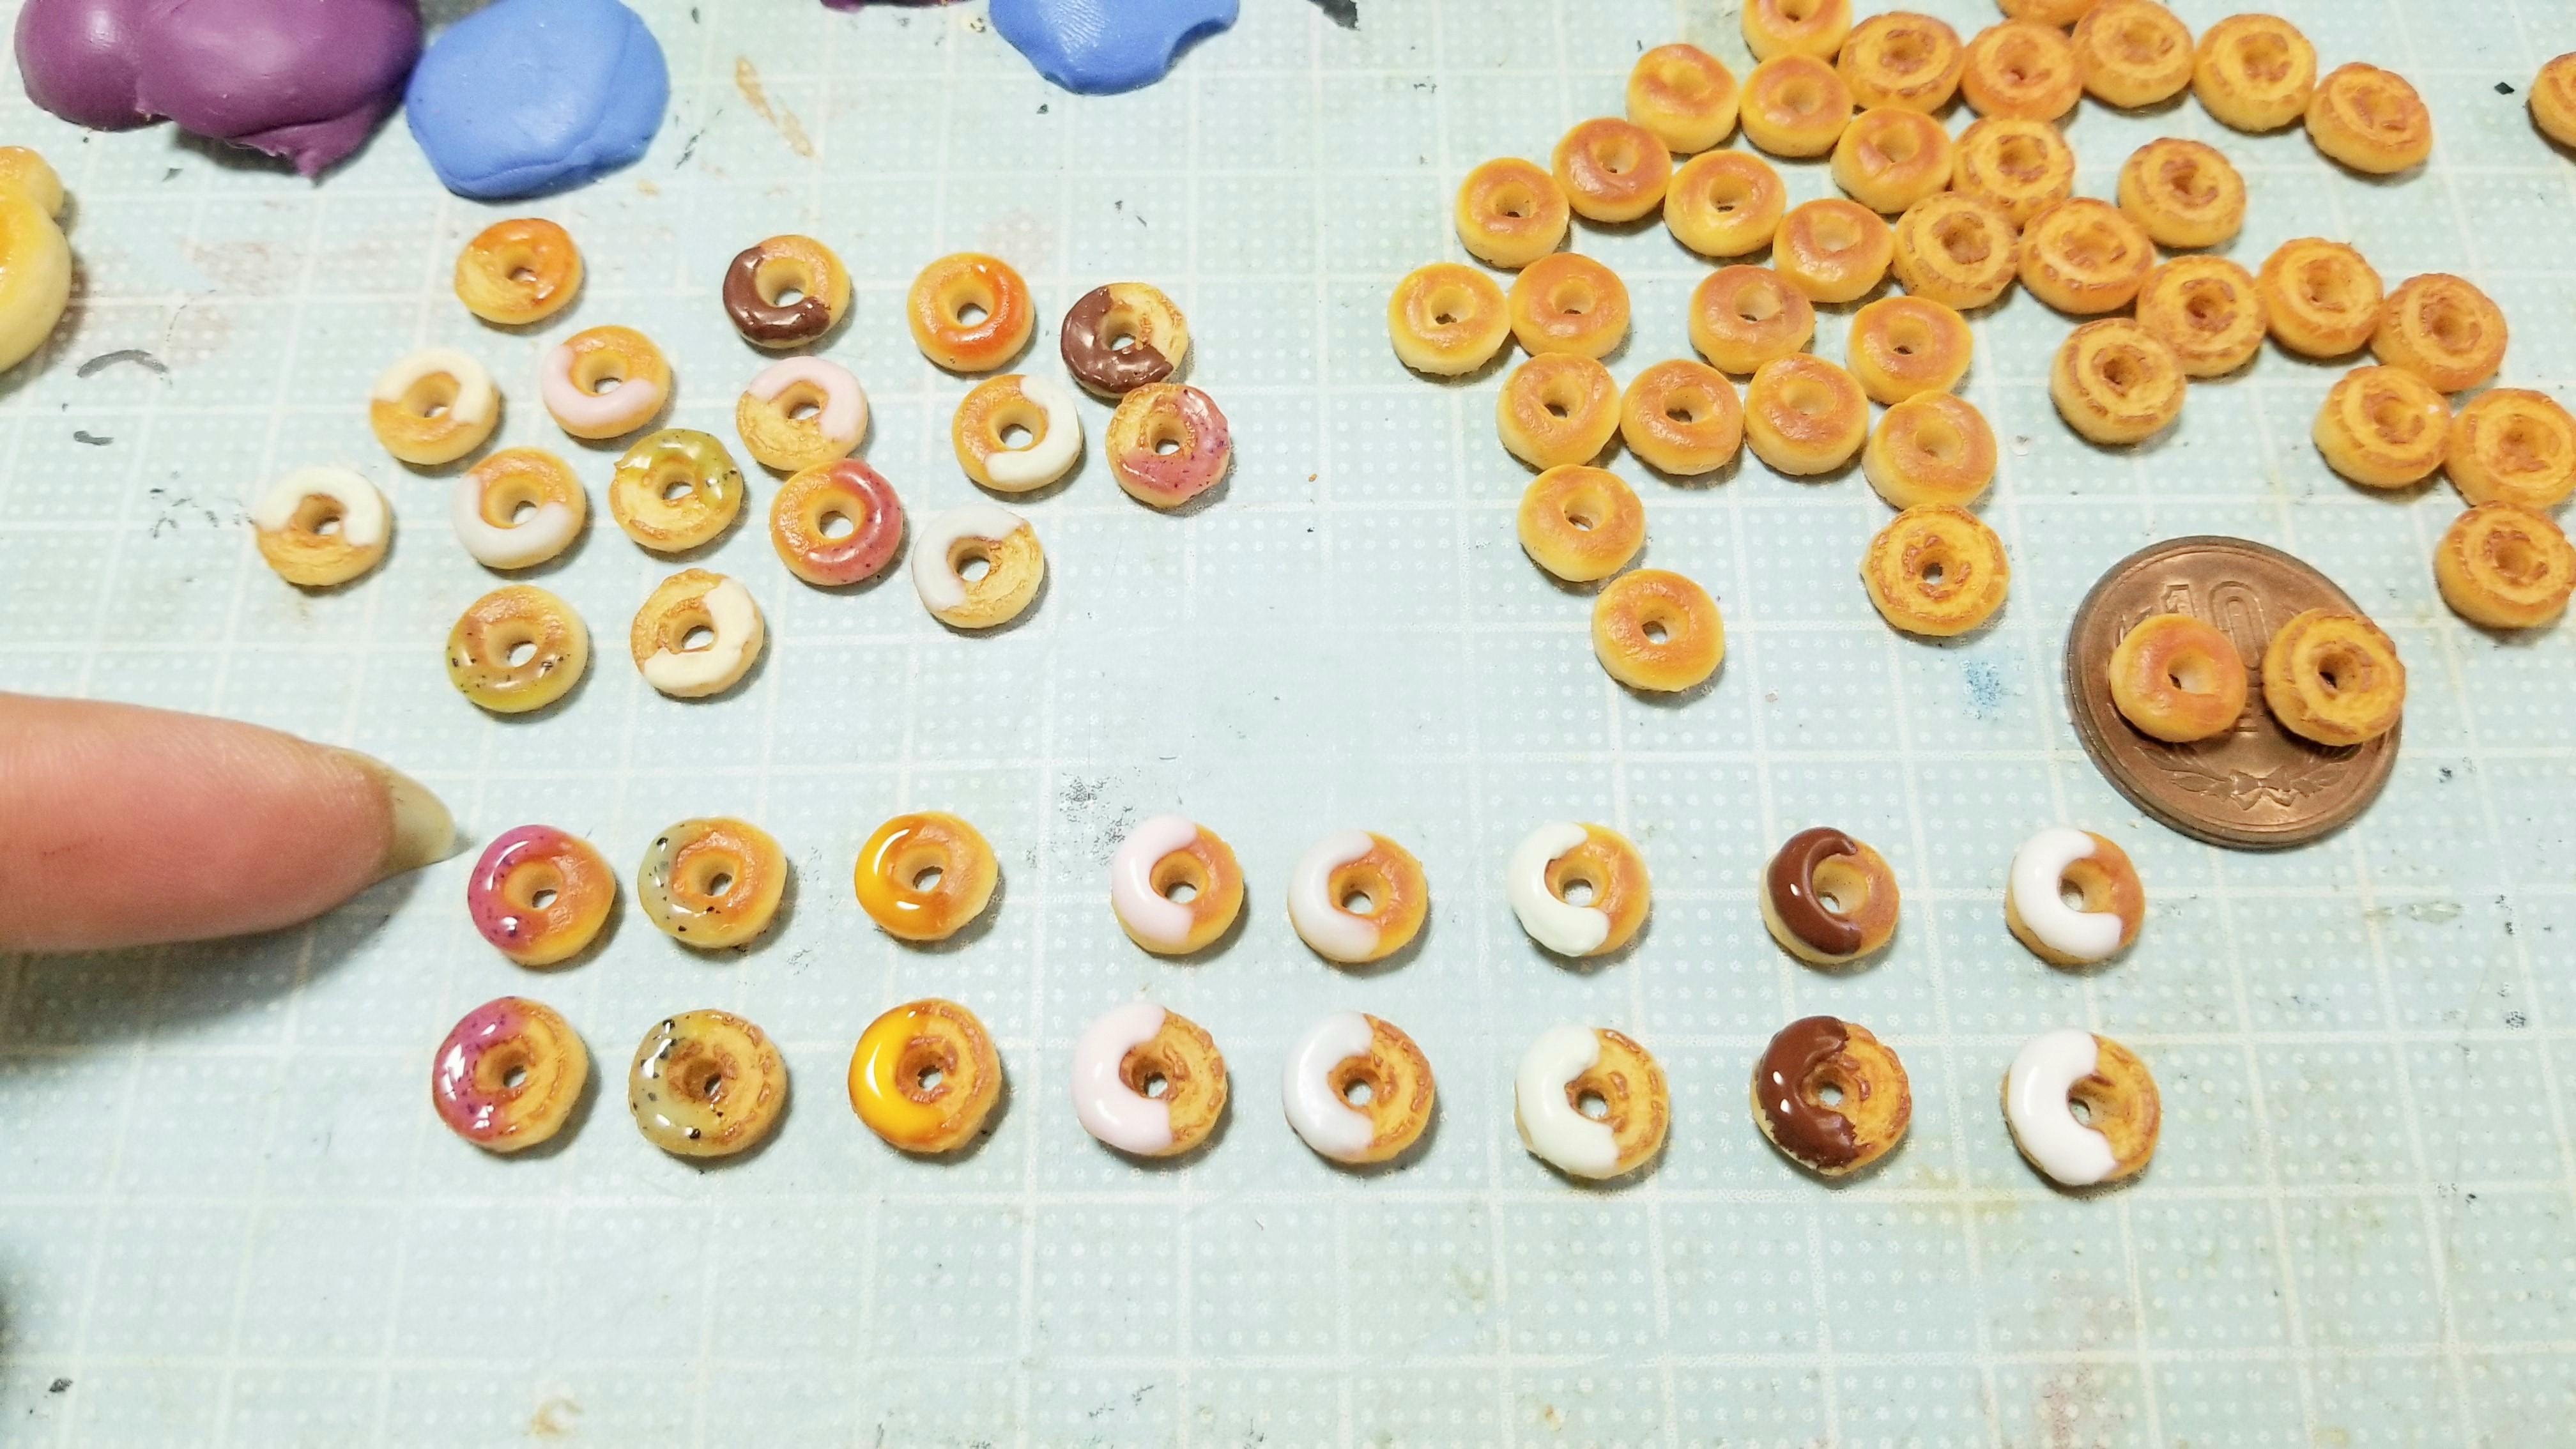 ミニチュアフード可愛い小さな世界手作り小物作り方ドール用品人気